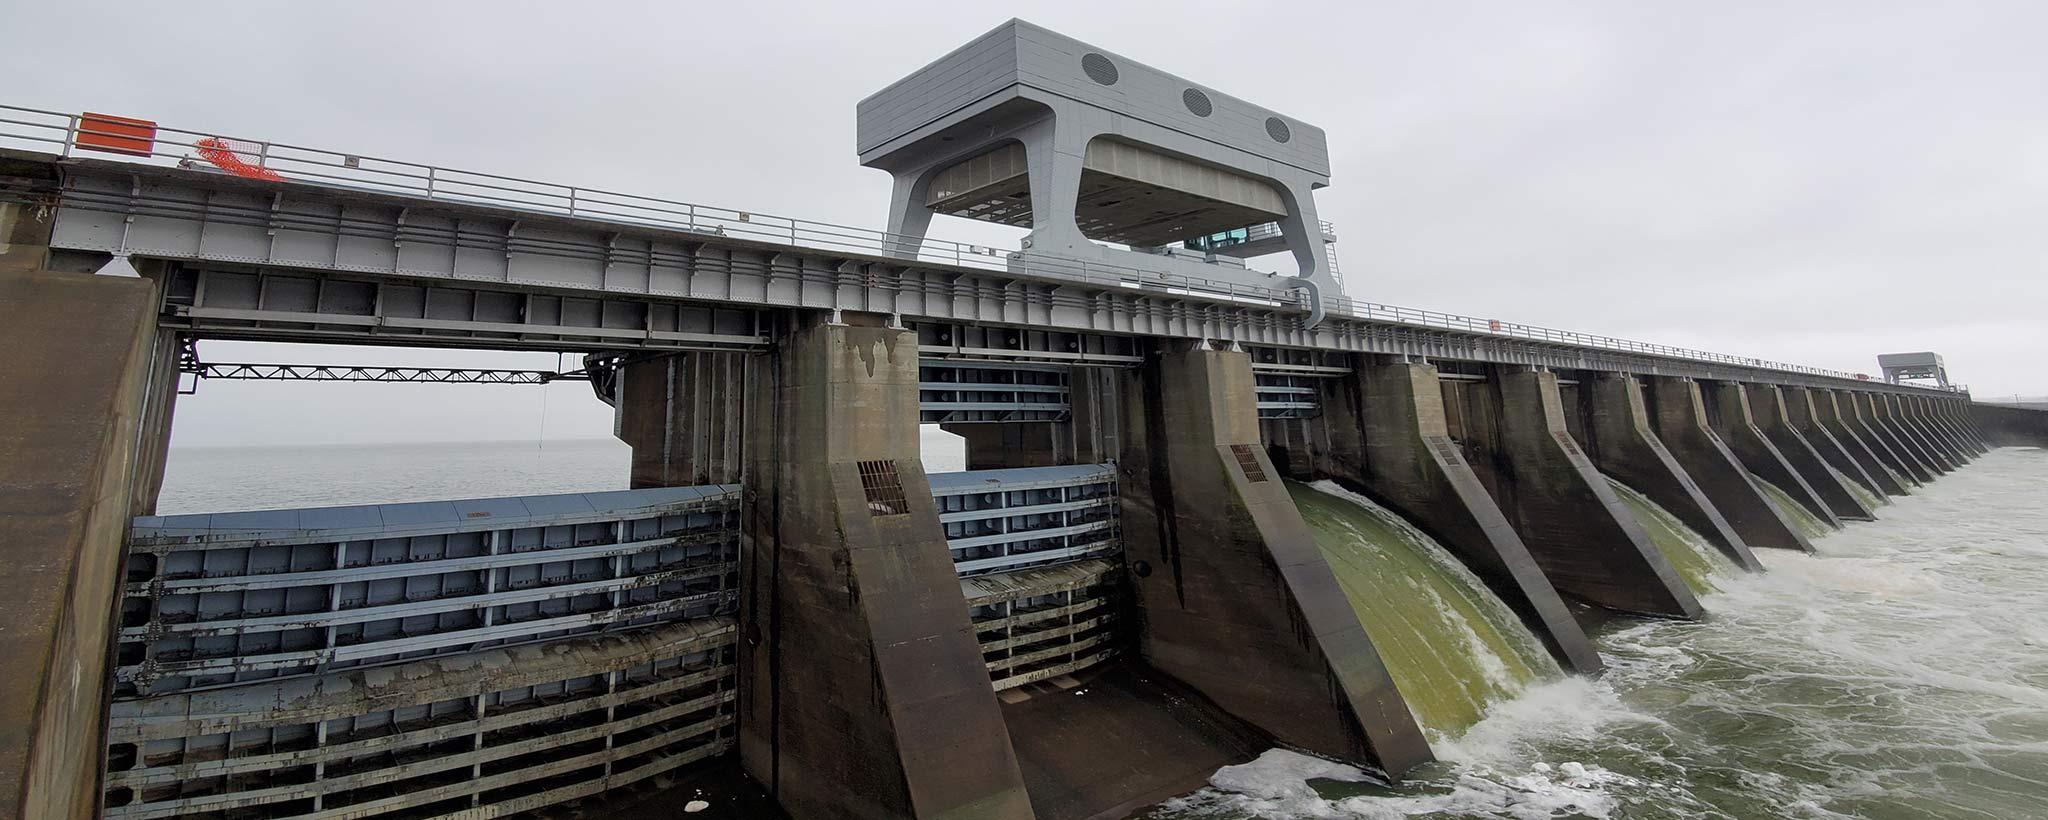 Kentucky Dam Spilling